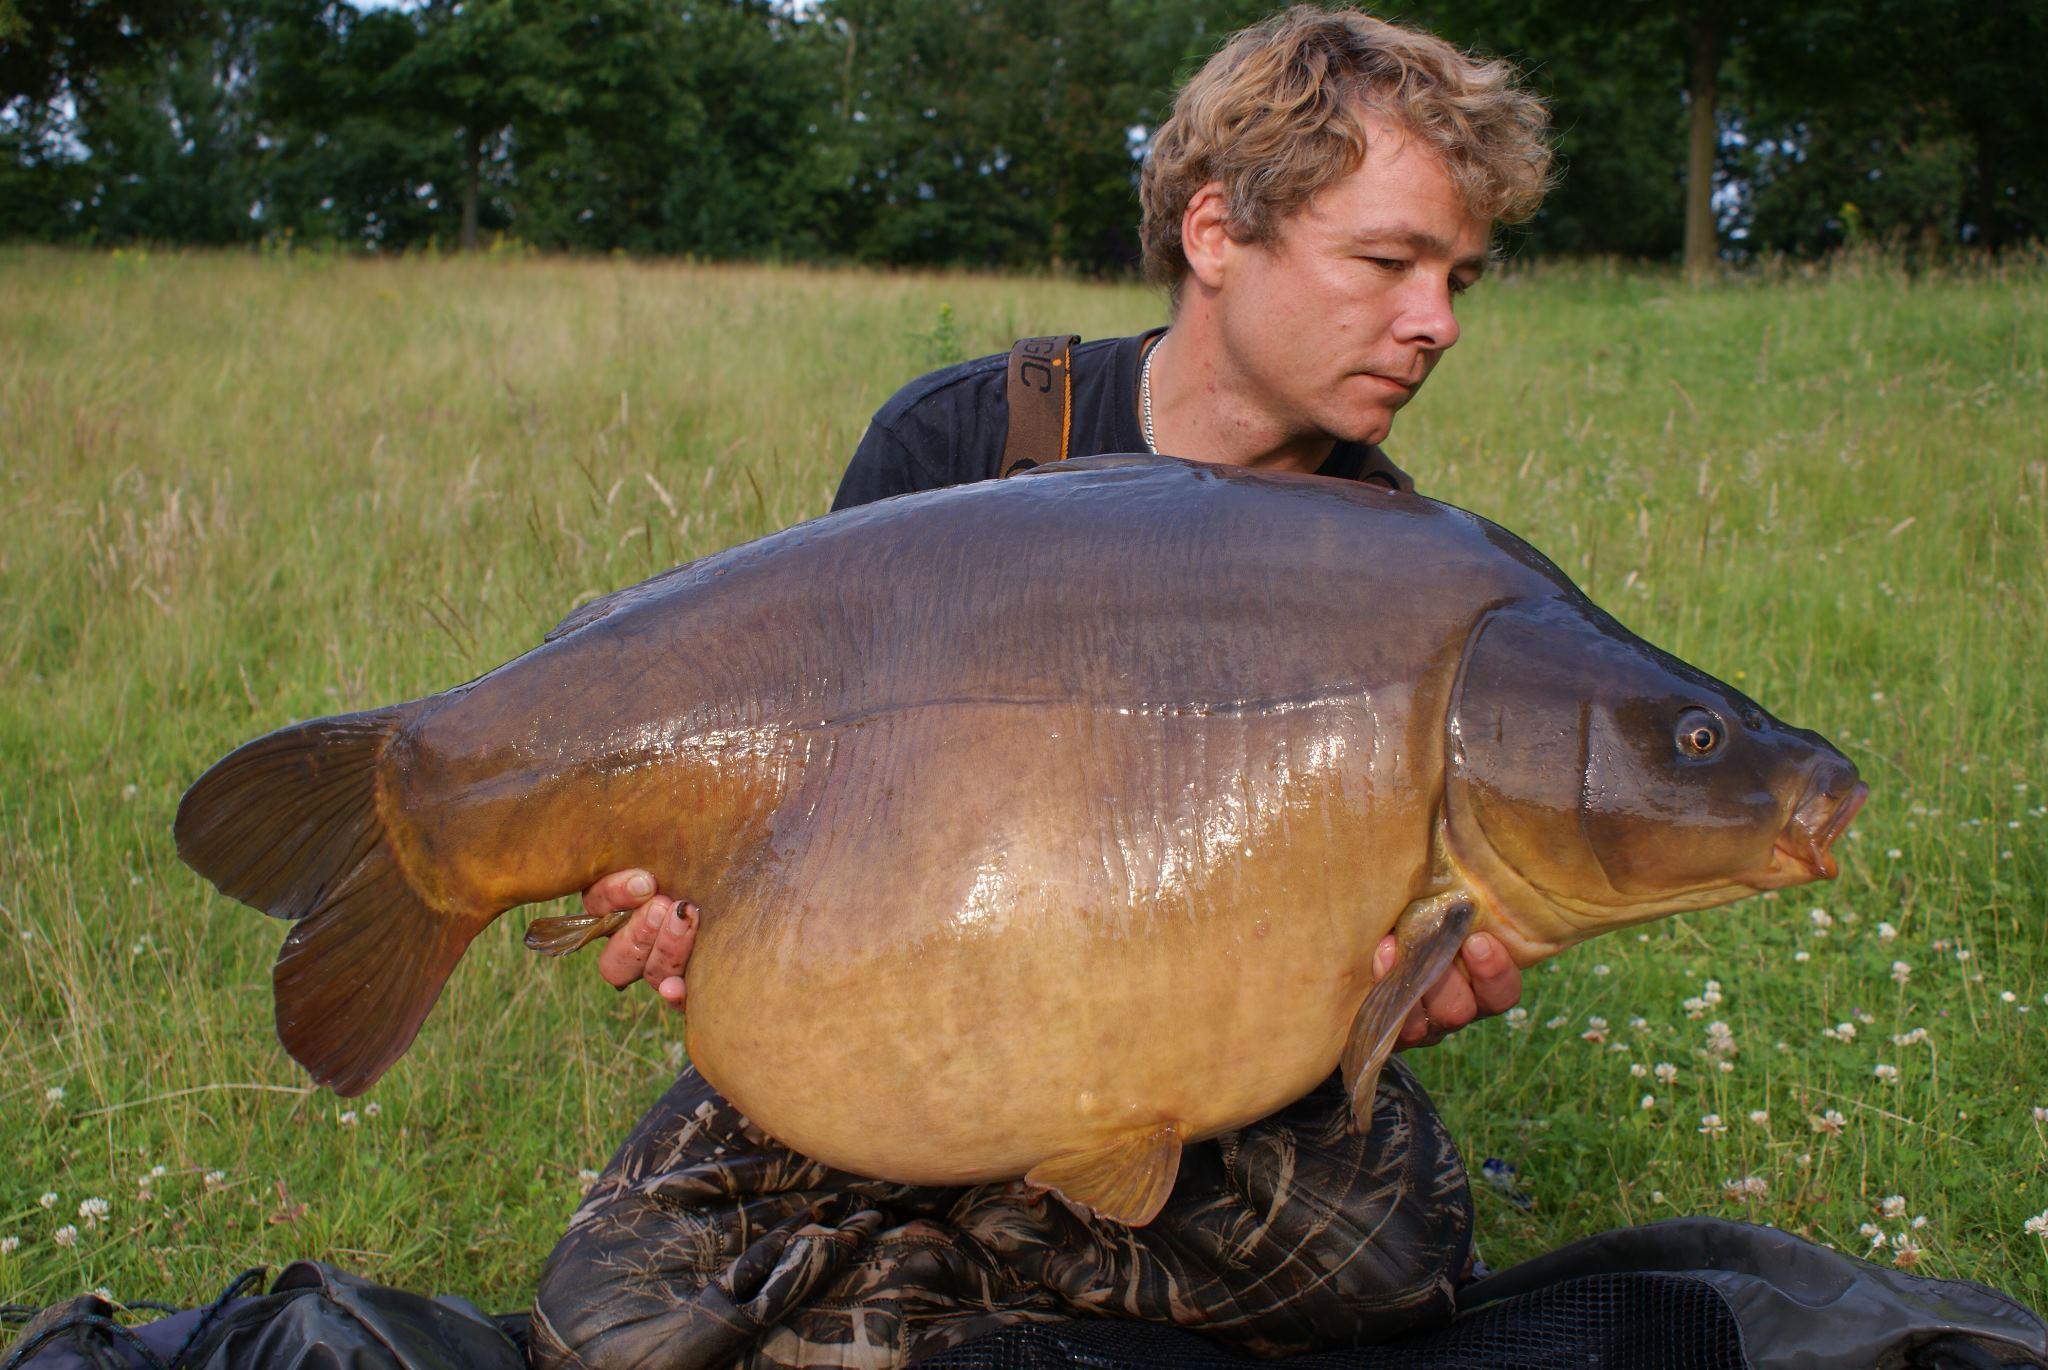 Bericht von Team-Angler Mirko Schulze